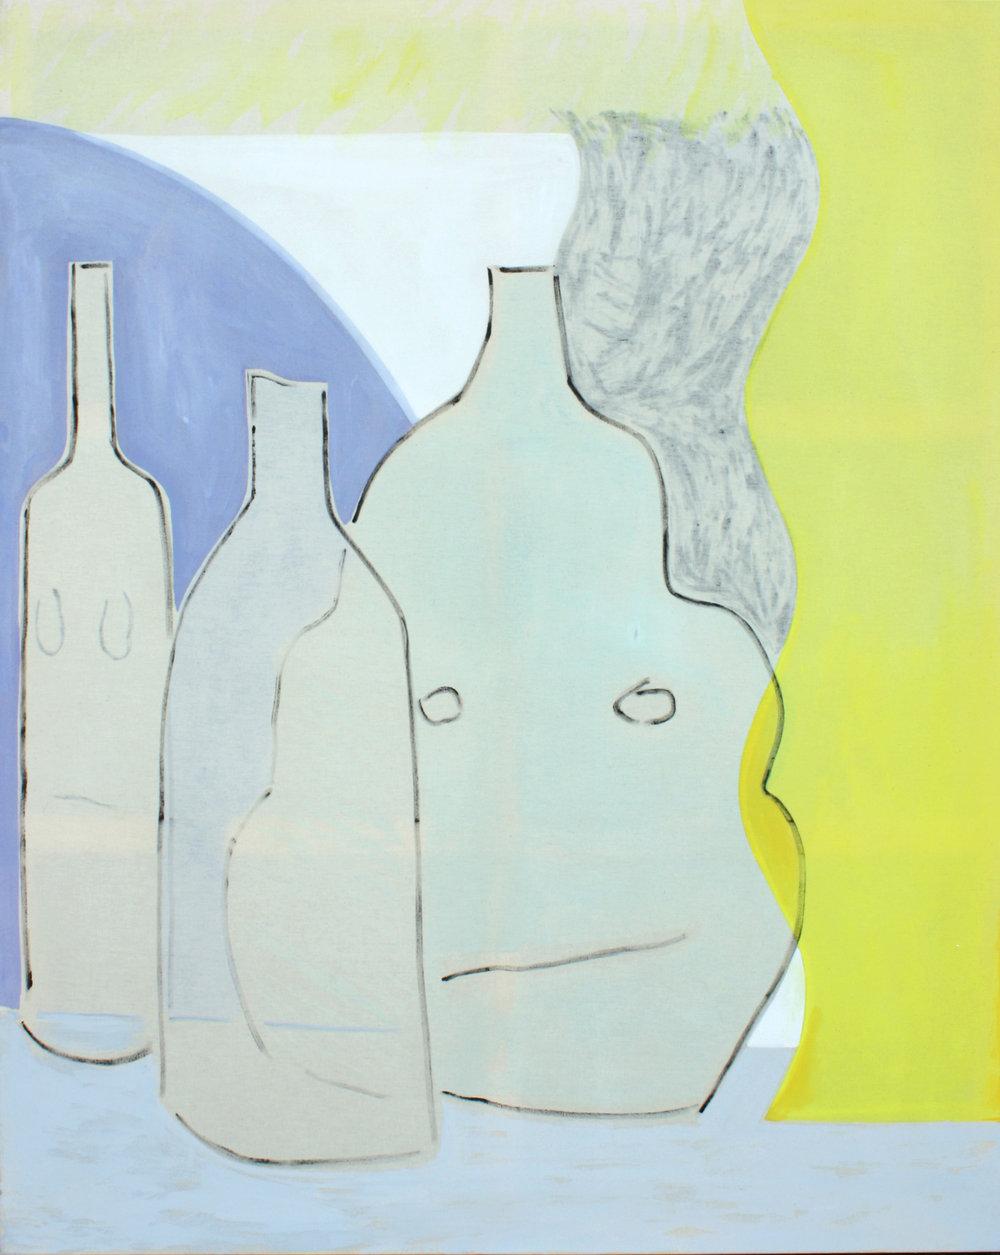 Vague, oil and acrylic on canvas, 150 x 120 cm